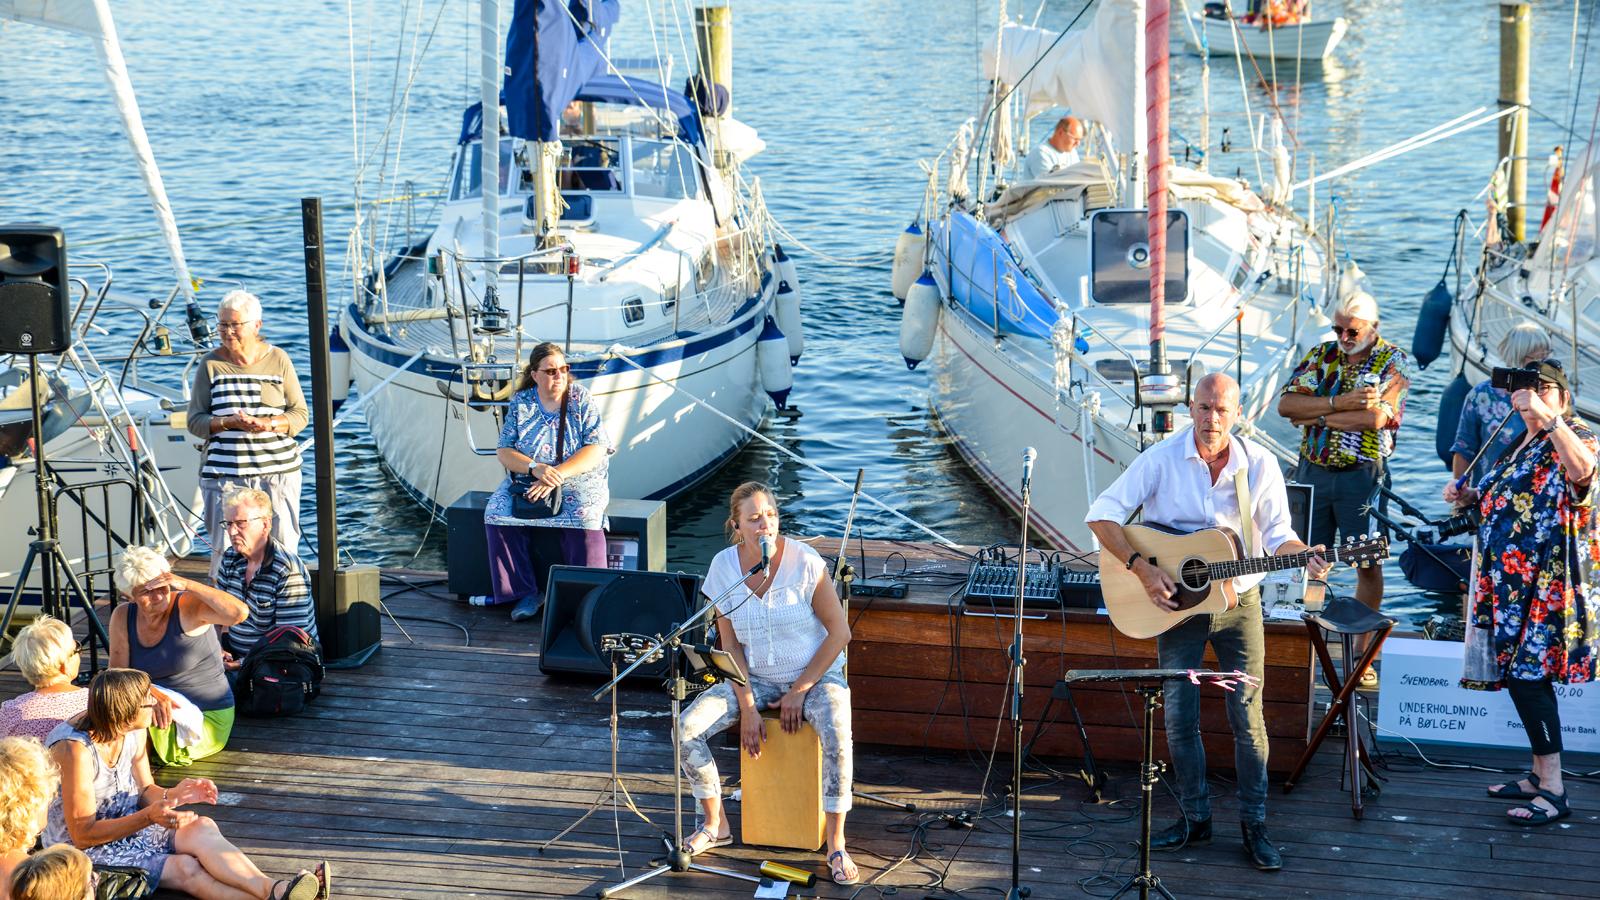 800_5919 Elsborg-Maribo på bølgen